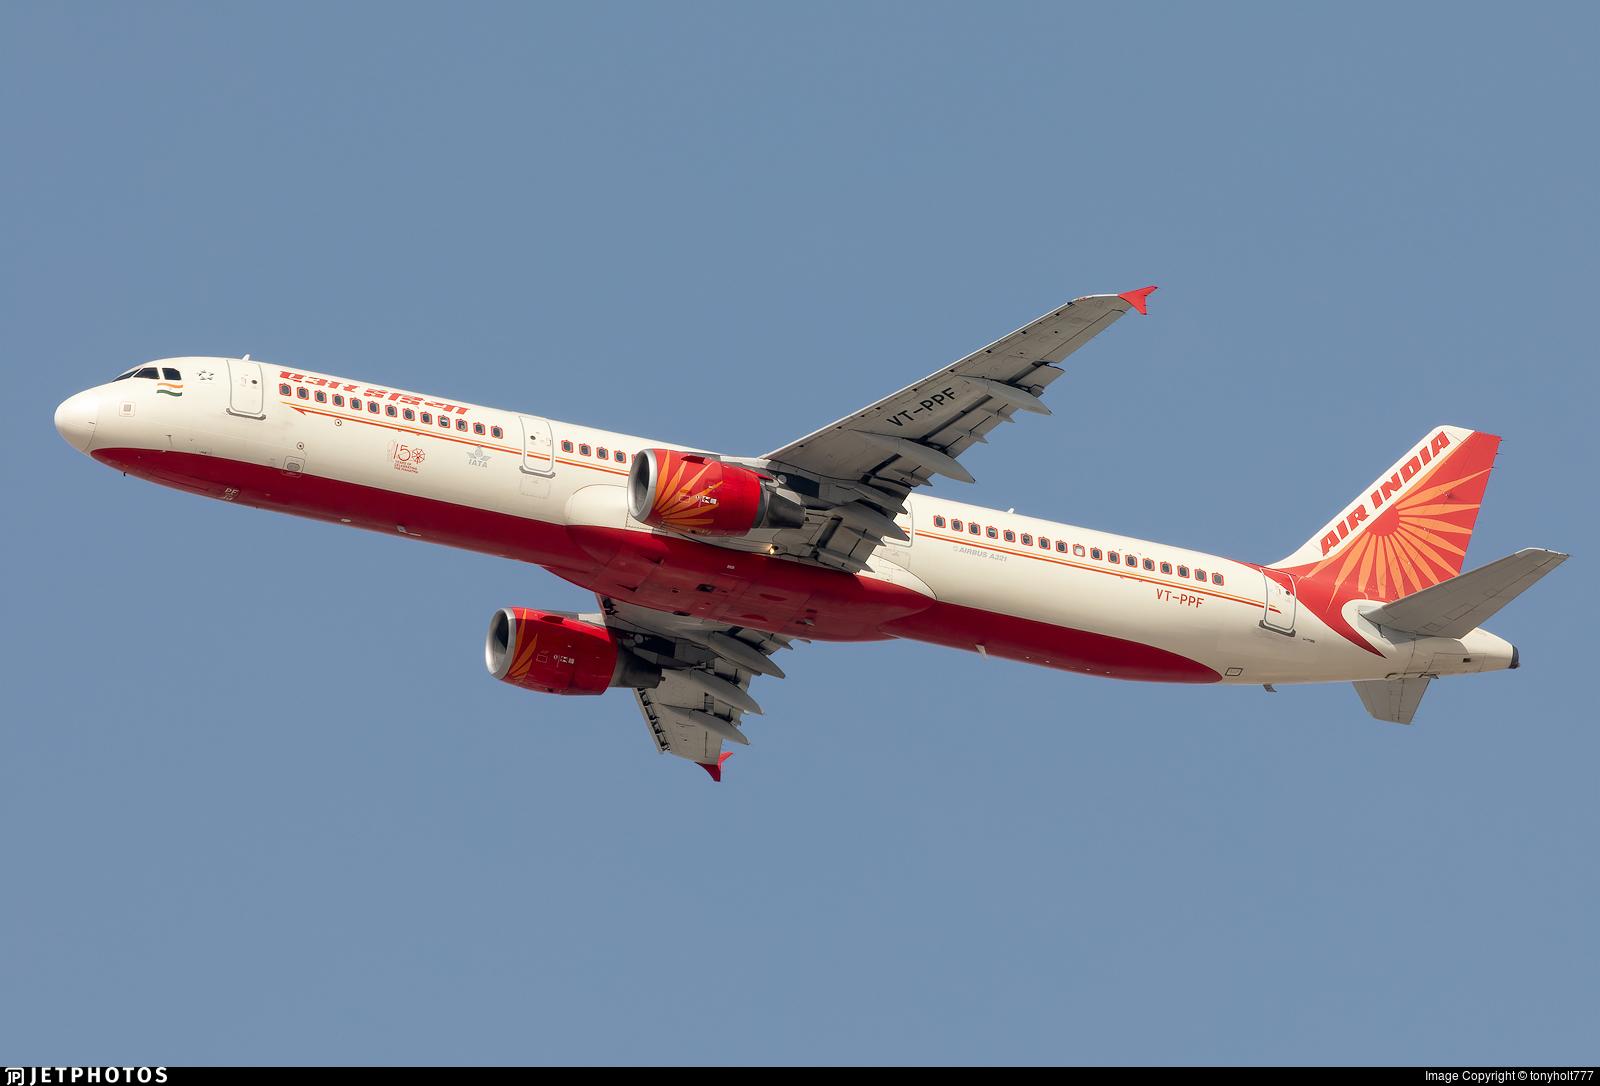 VT-PPF - Airbus A321-211 - Air India